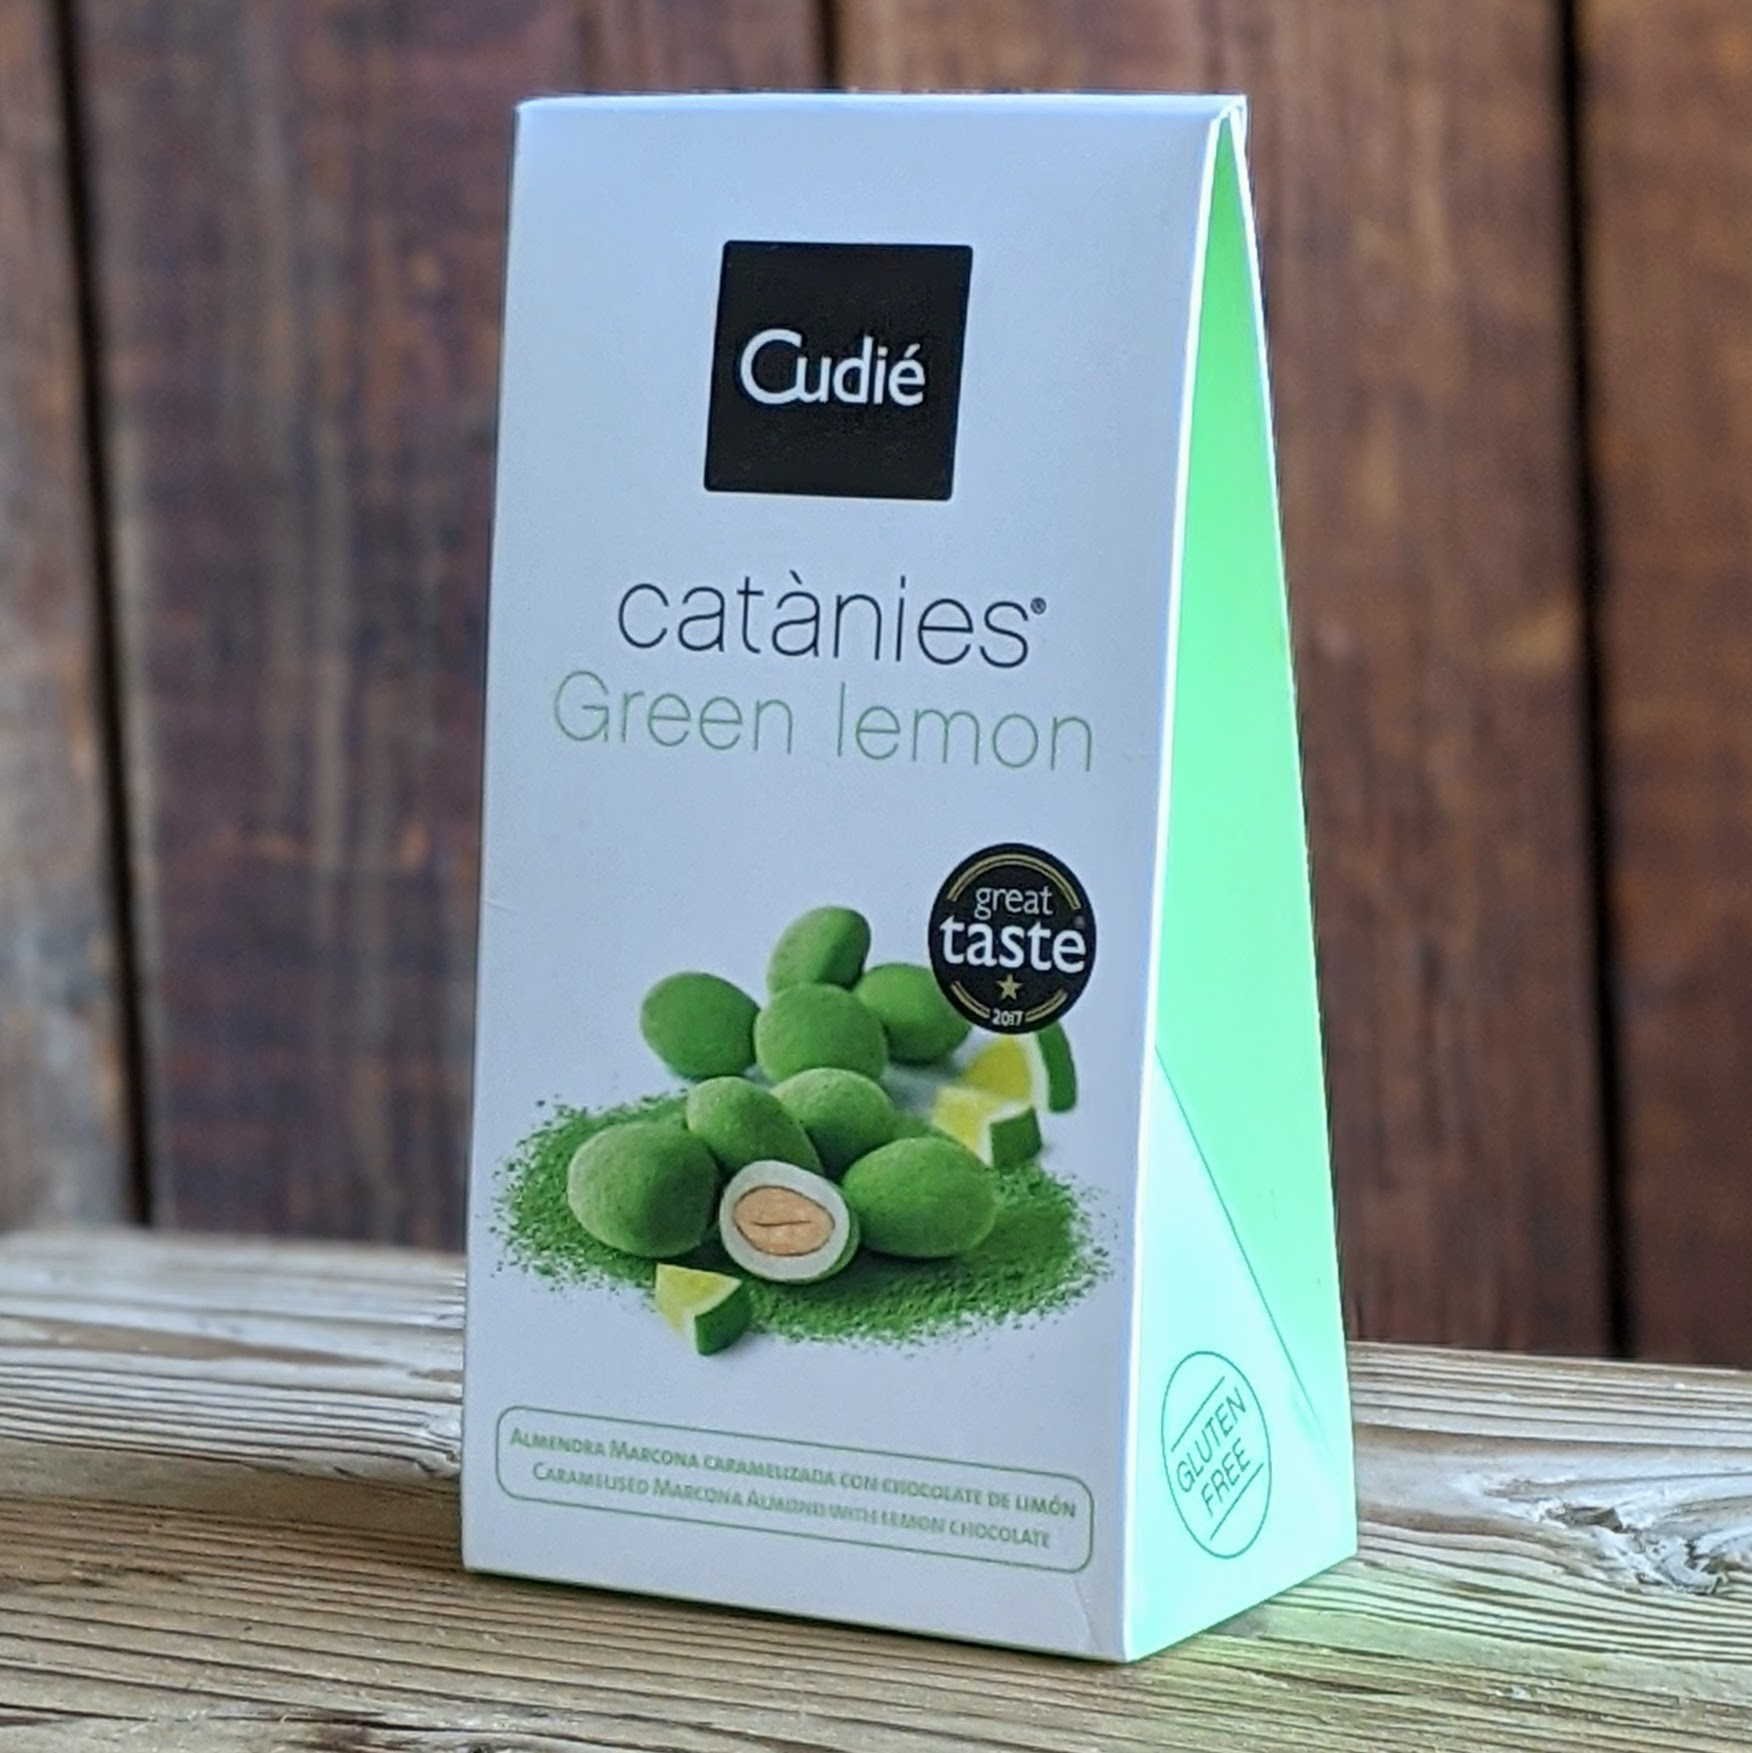 Cudié Catànies Green Lemon, 80g